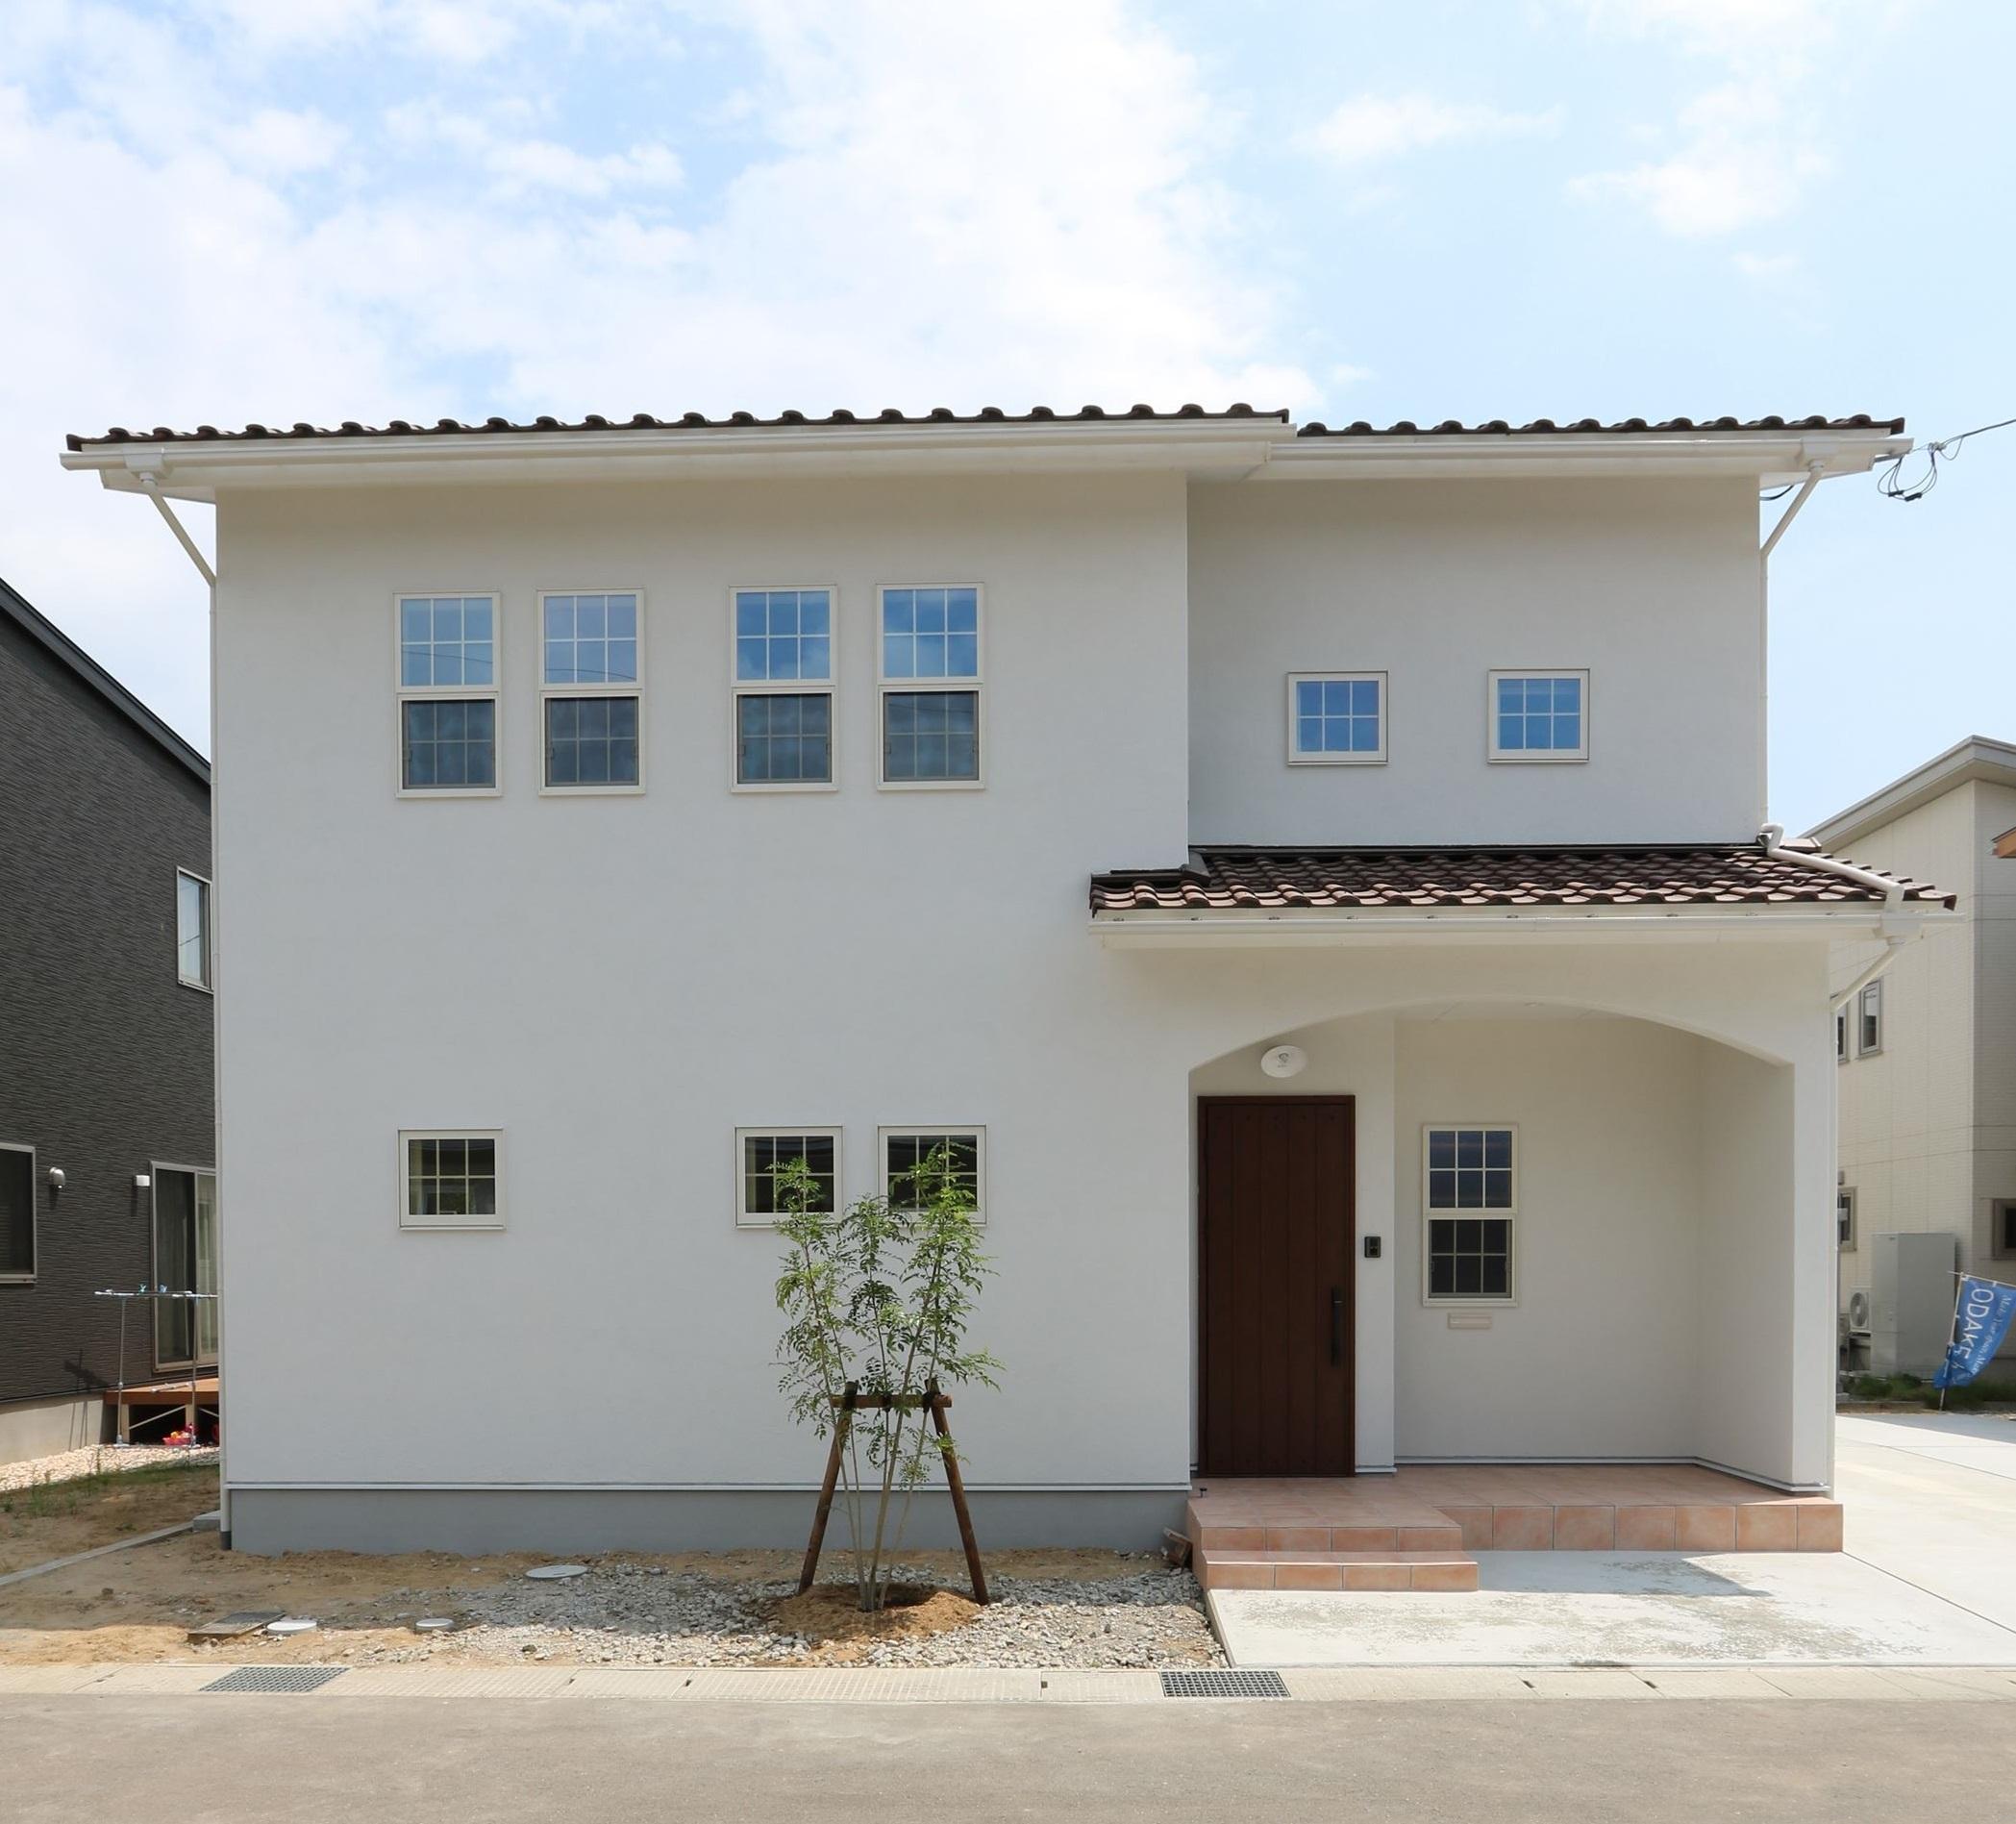 大人シックなフレンチスタイルの家|石川県金沢市の注文住宅・デザイン性・新築の家・戸建て|E-HOUSE